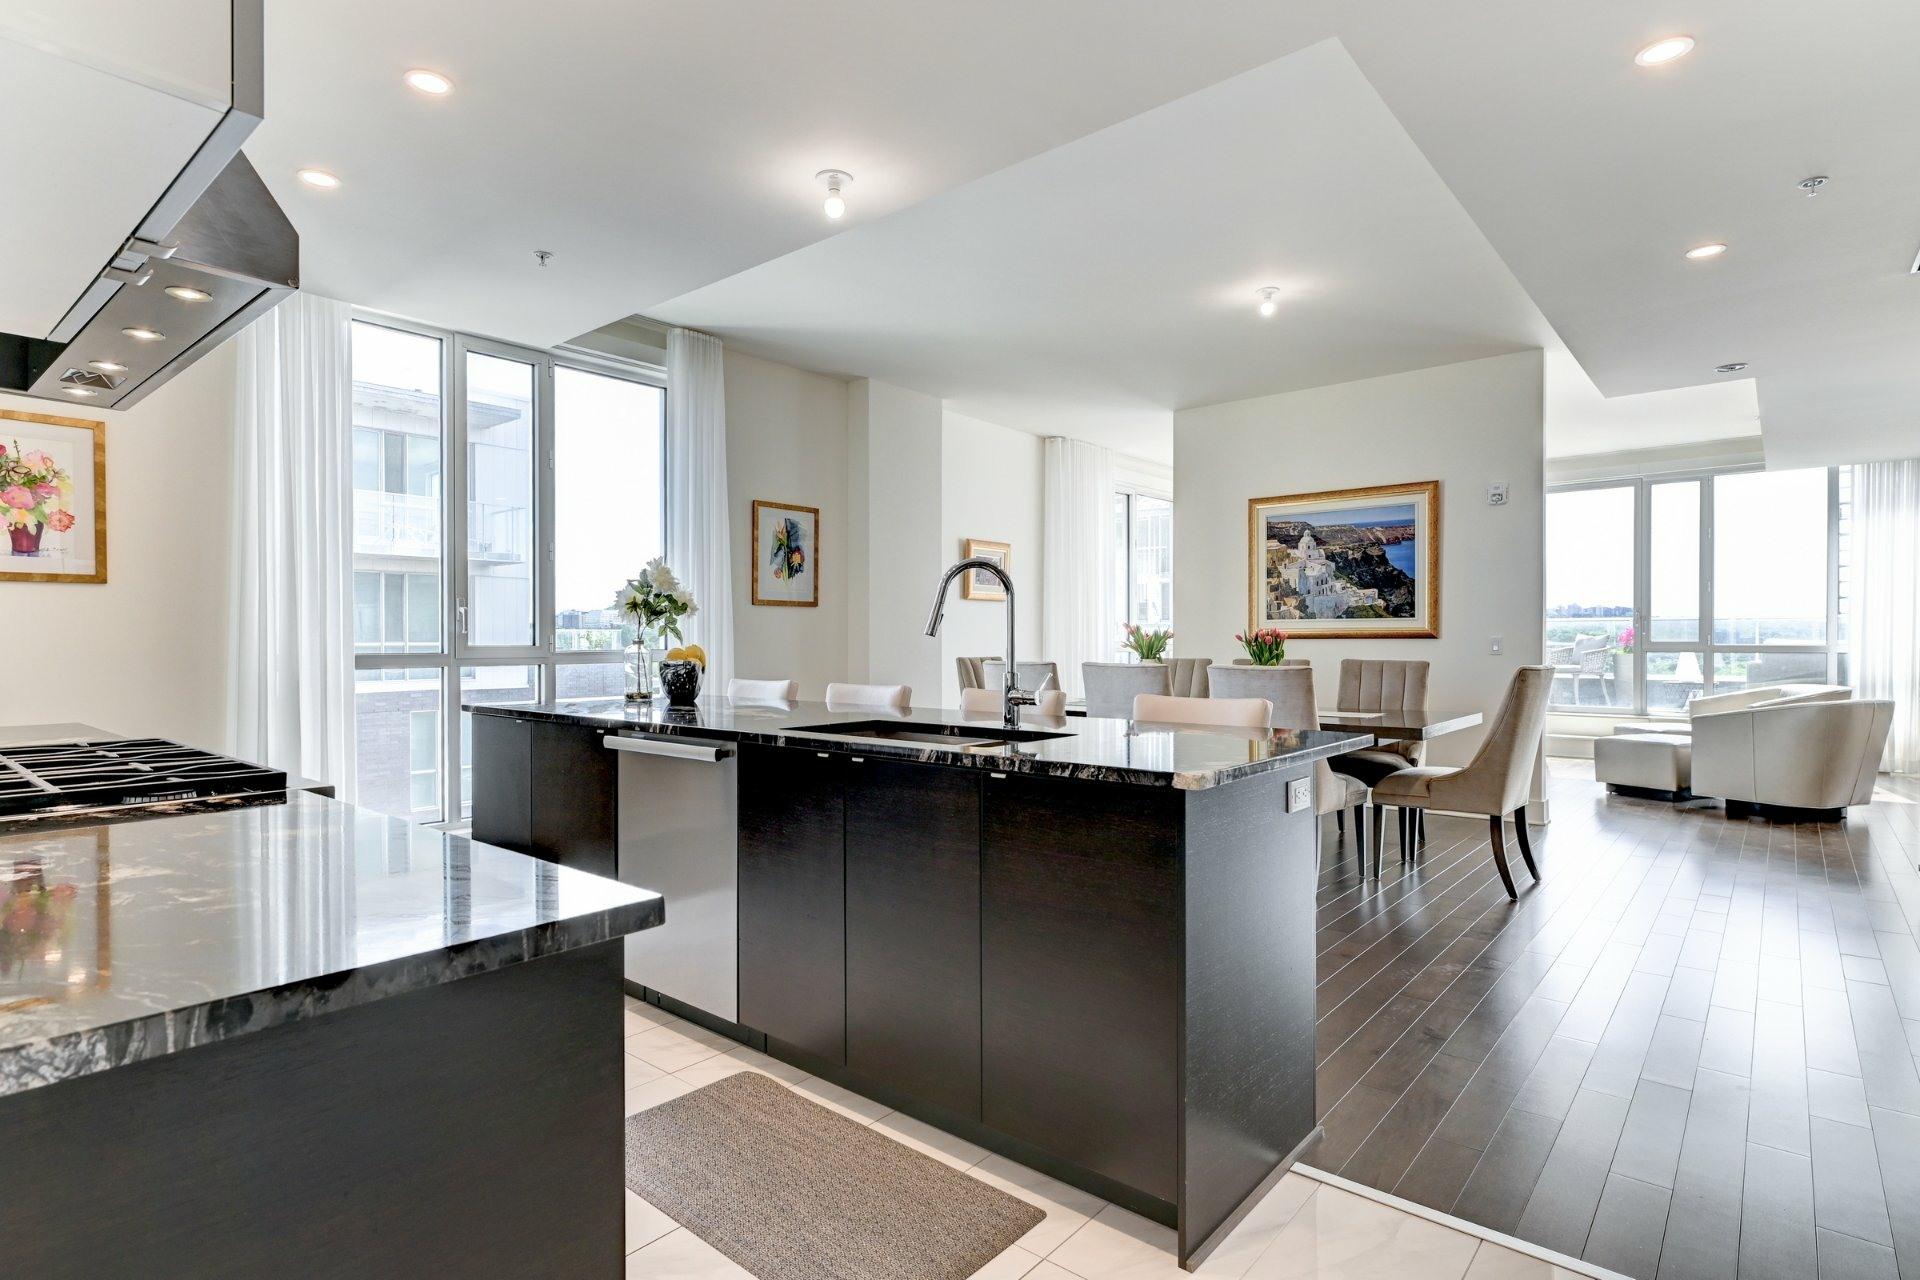 image 10 - Appartement À vendre Côte-des-Neiges/Notre-Dame-de-Grâce Montréal  - 16 pièces